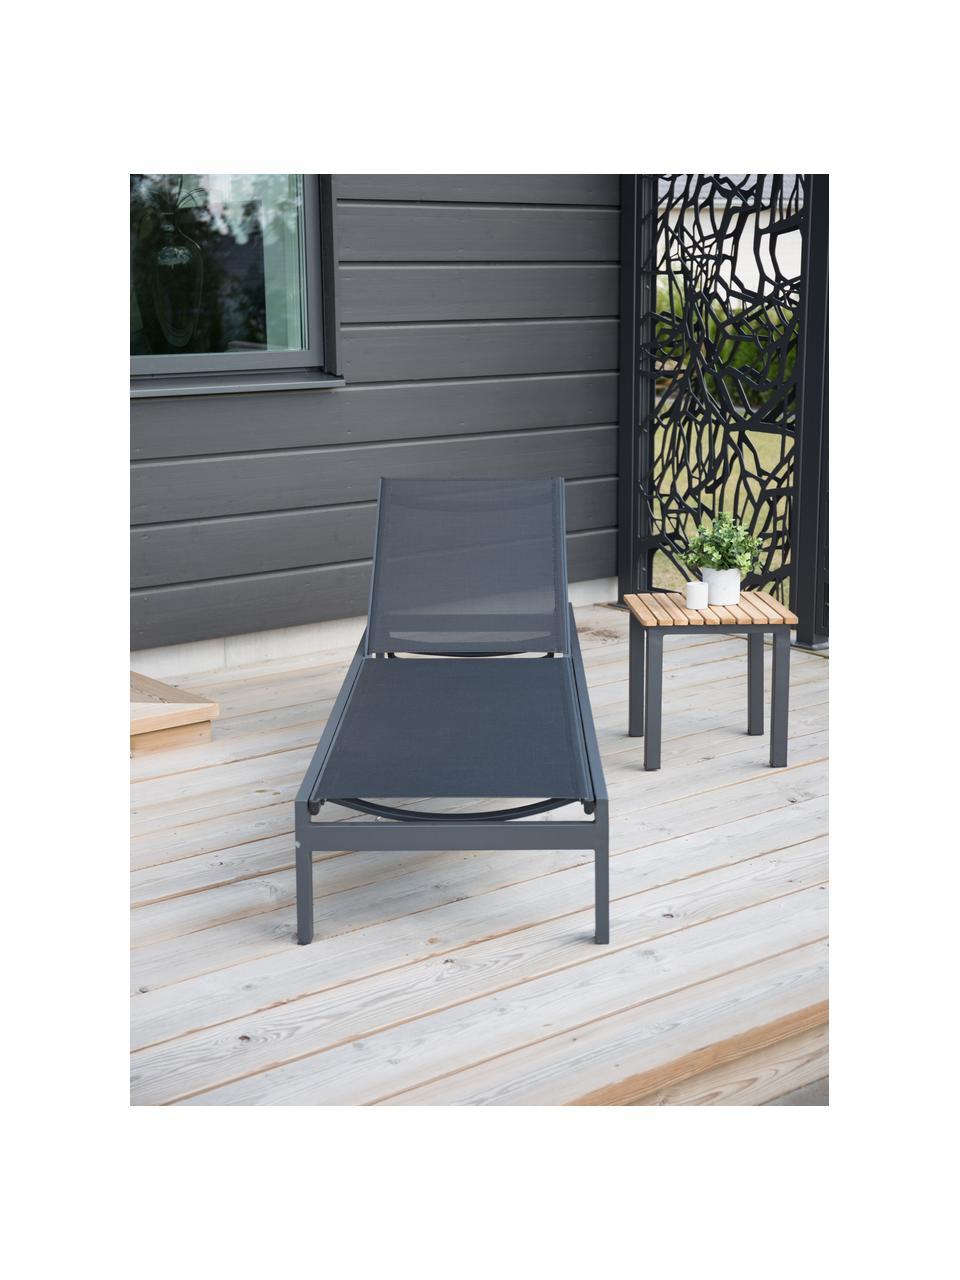 Lettino prendisole in alluminio nero Copacabana, Struttura: alluminio laccato, Nero, Lung. 195 x Larg. 60 cm